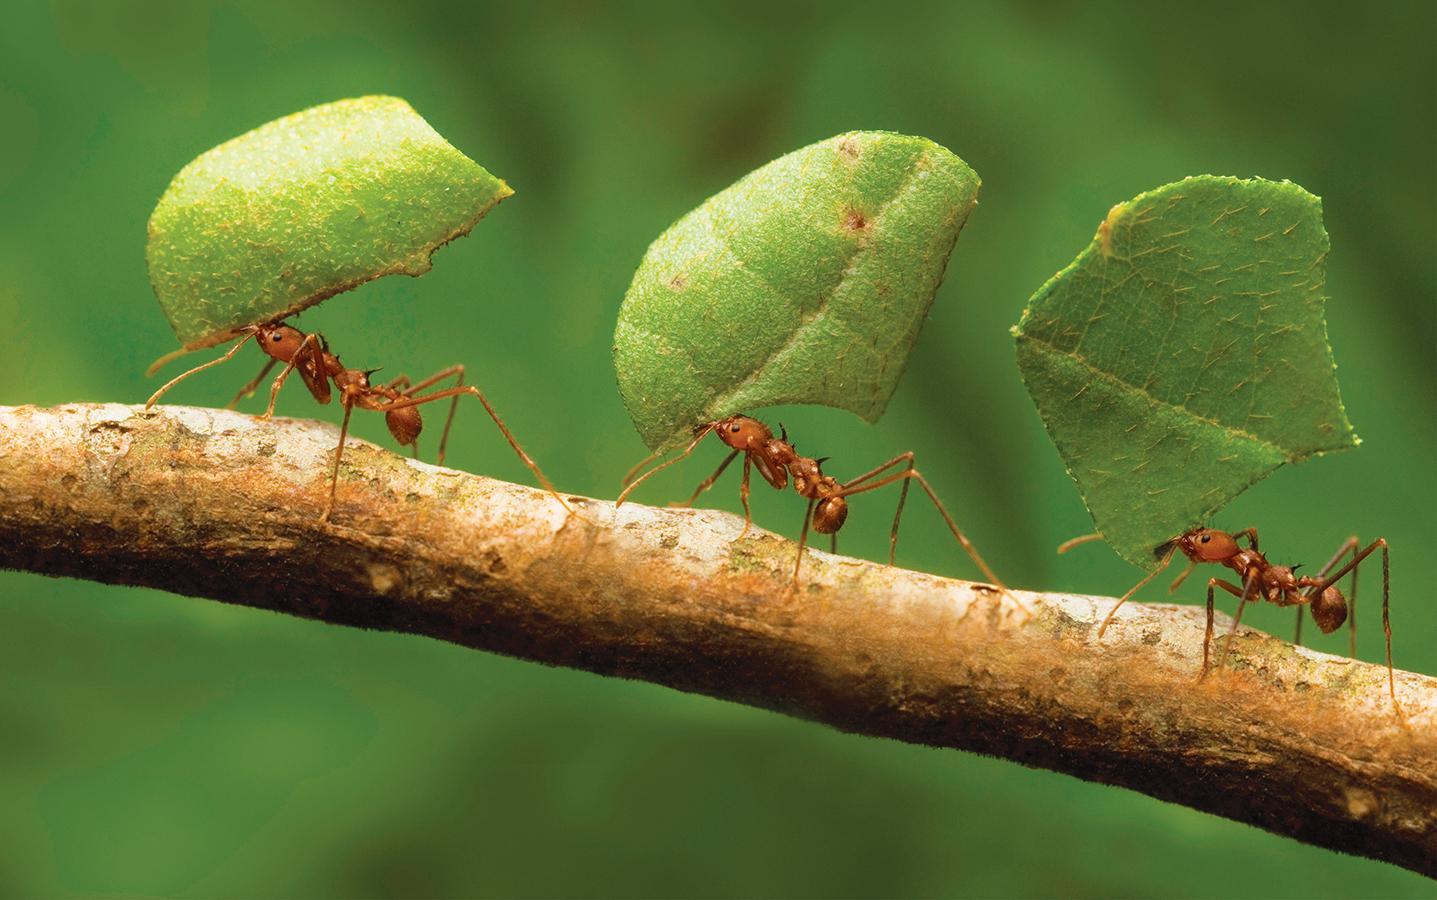 Биография муравьев и их связь с осами